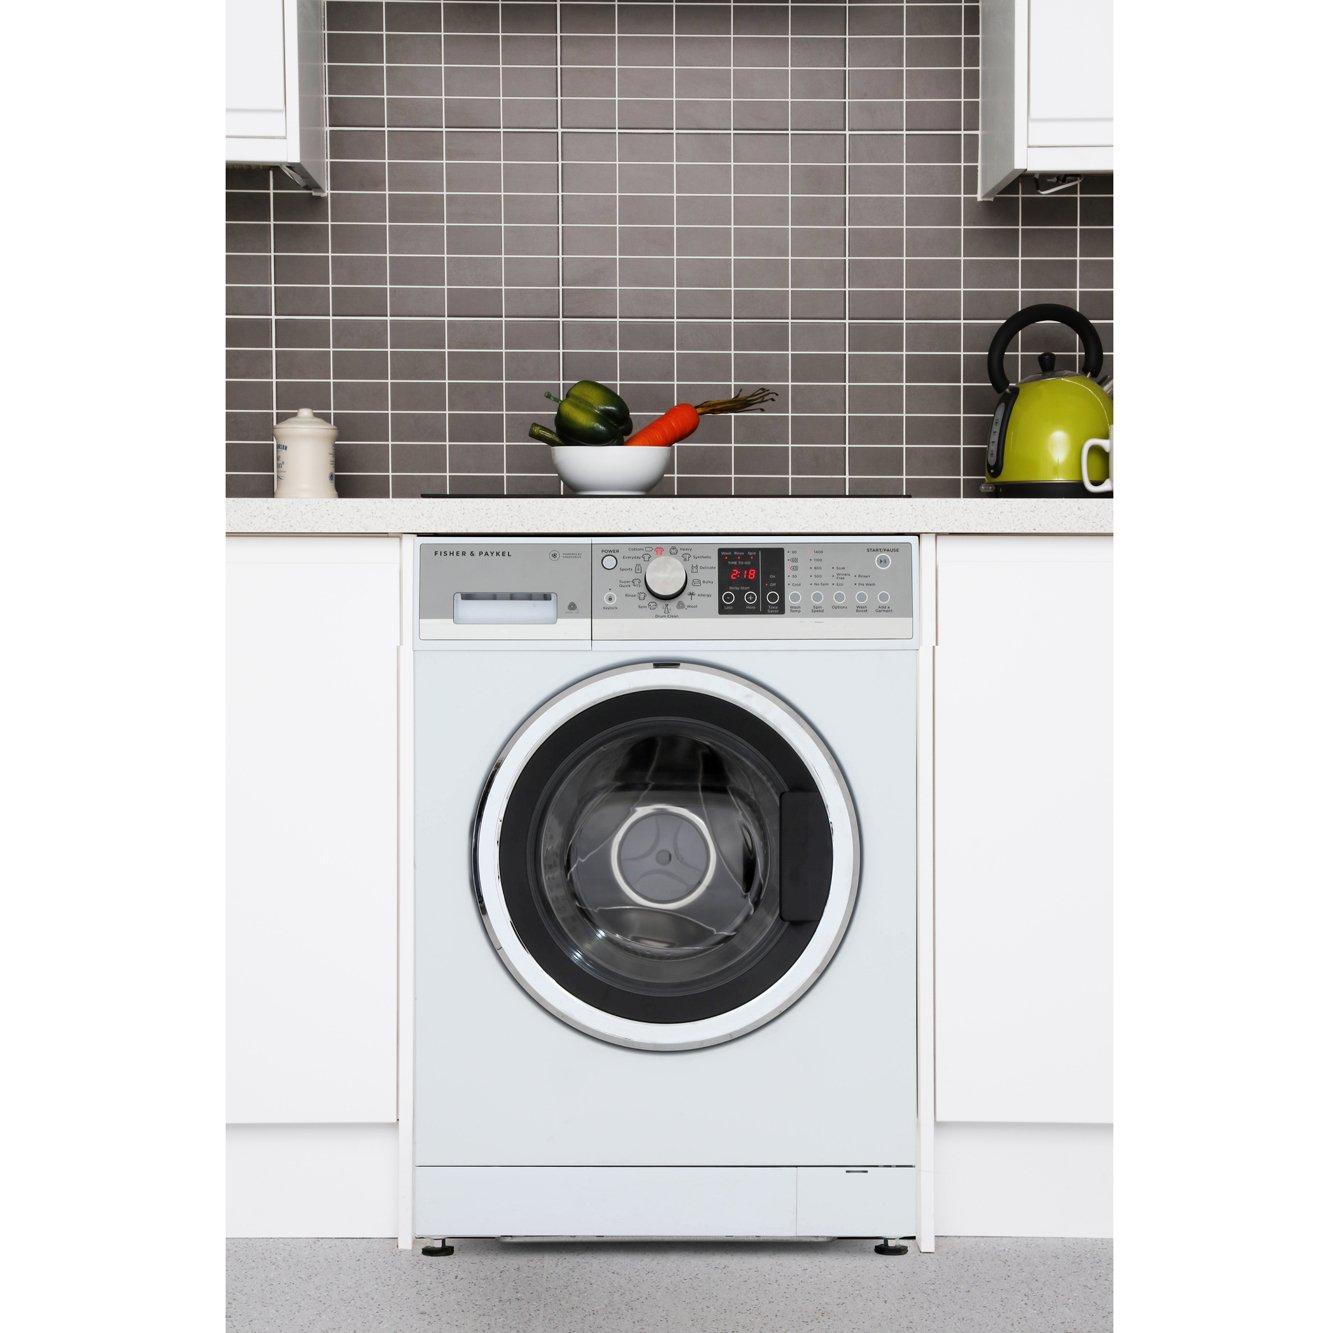 Buy Fisher Amp Paykel Wm1490f1 Washing Machine 98137